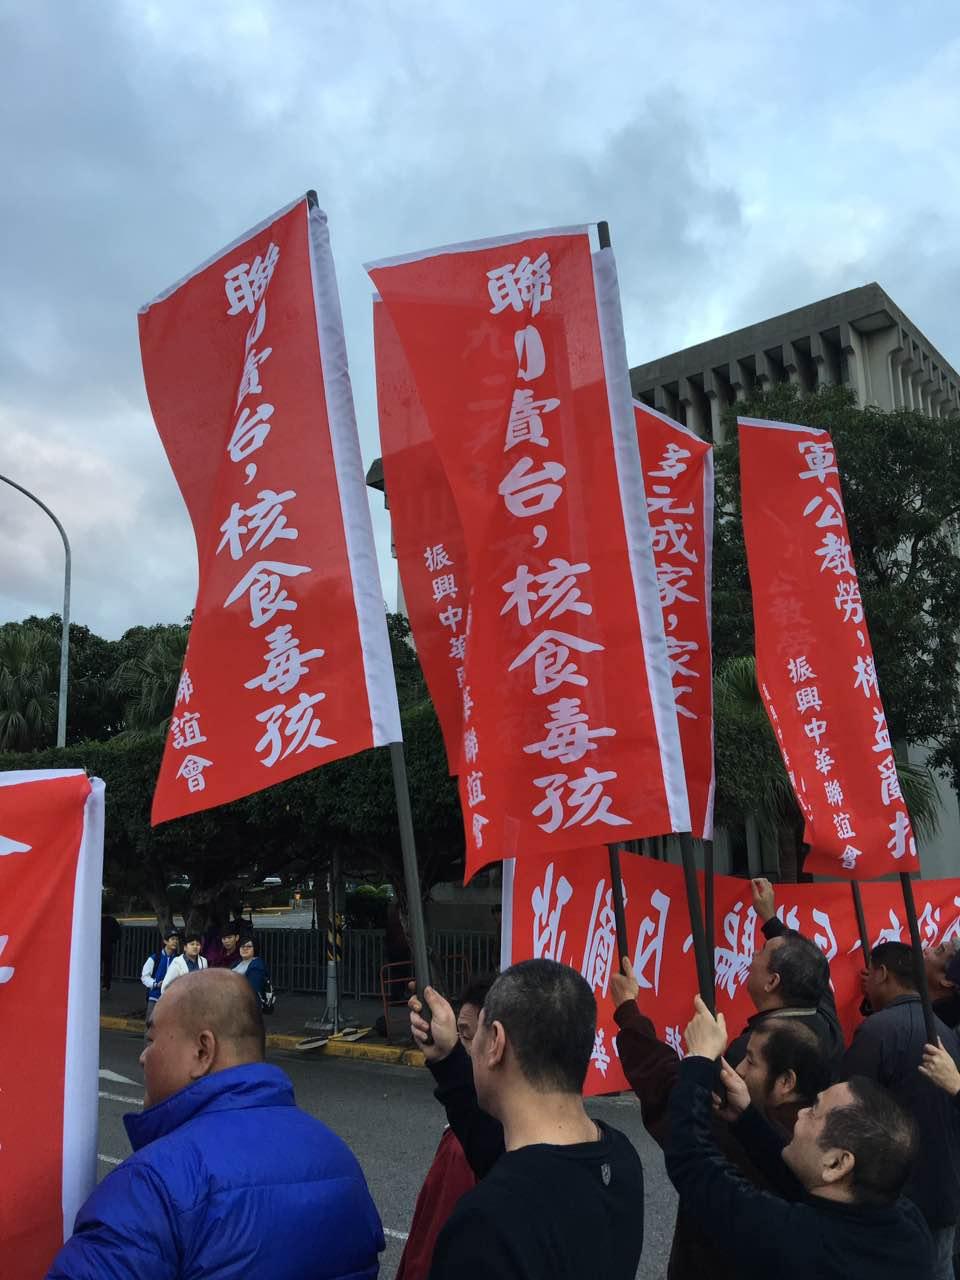 抗议群众高举大旗抗议蔡英文当局